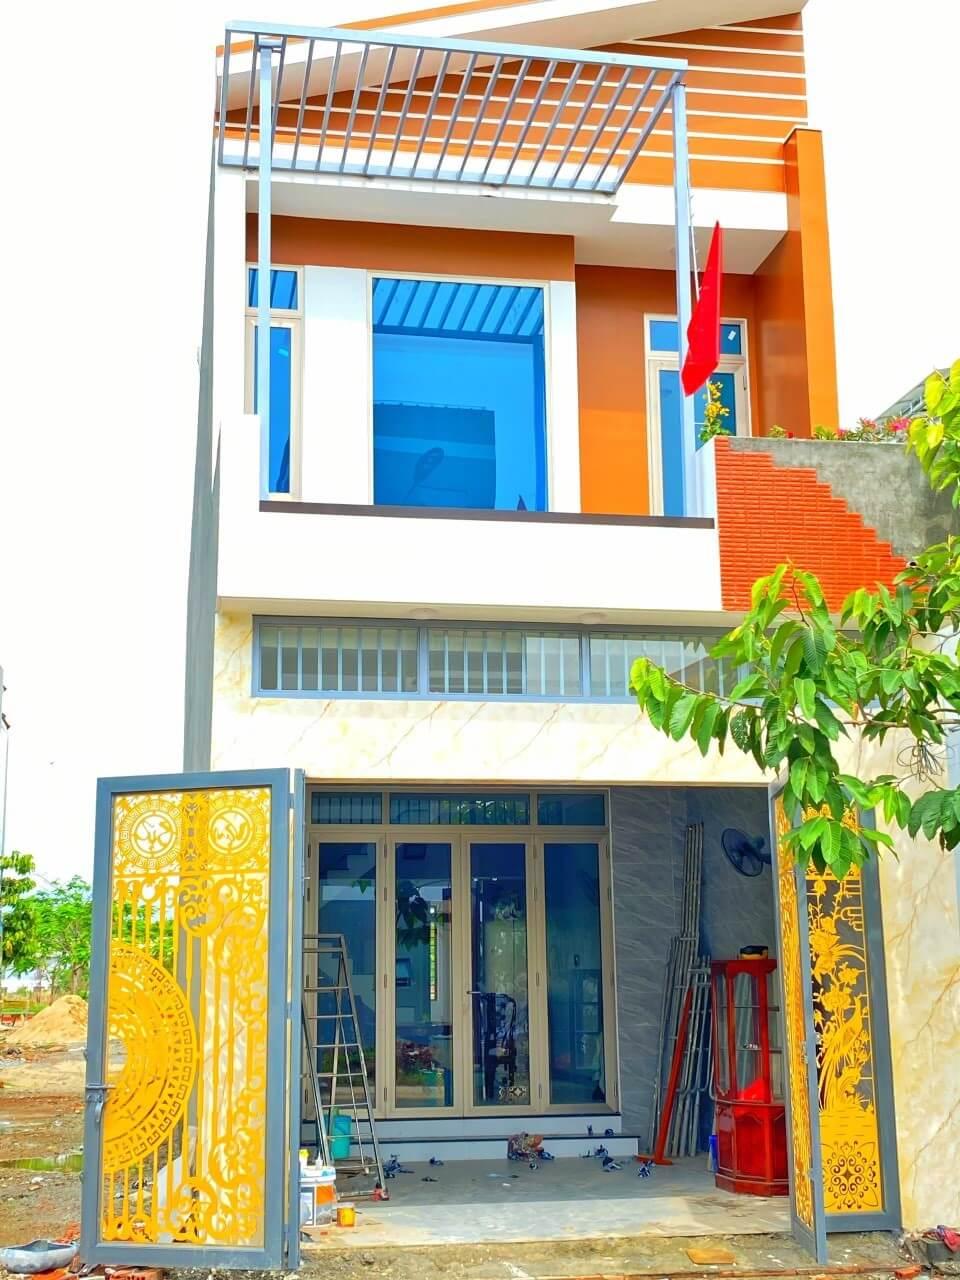 Sự đan xen giữa các tông màu đăng đối trong kiến trúc ngôi nhà